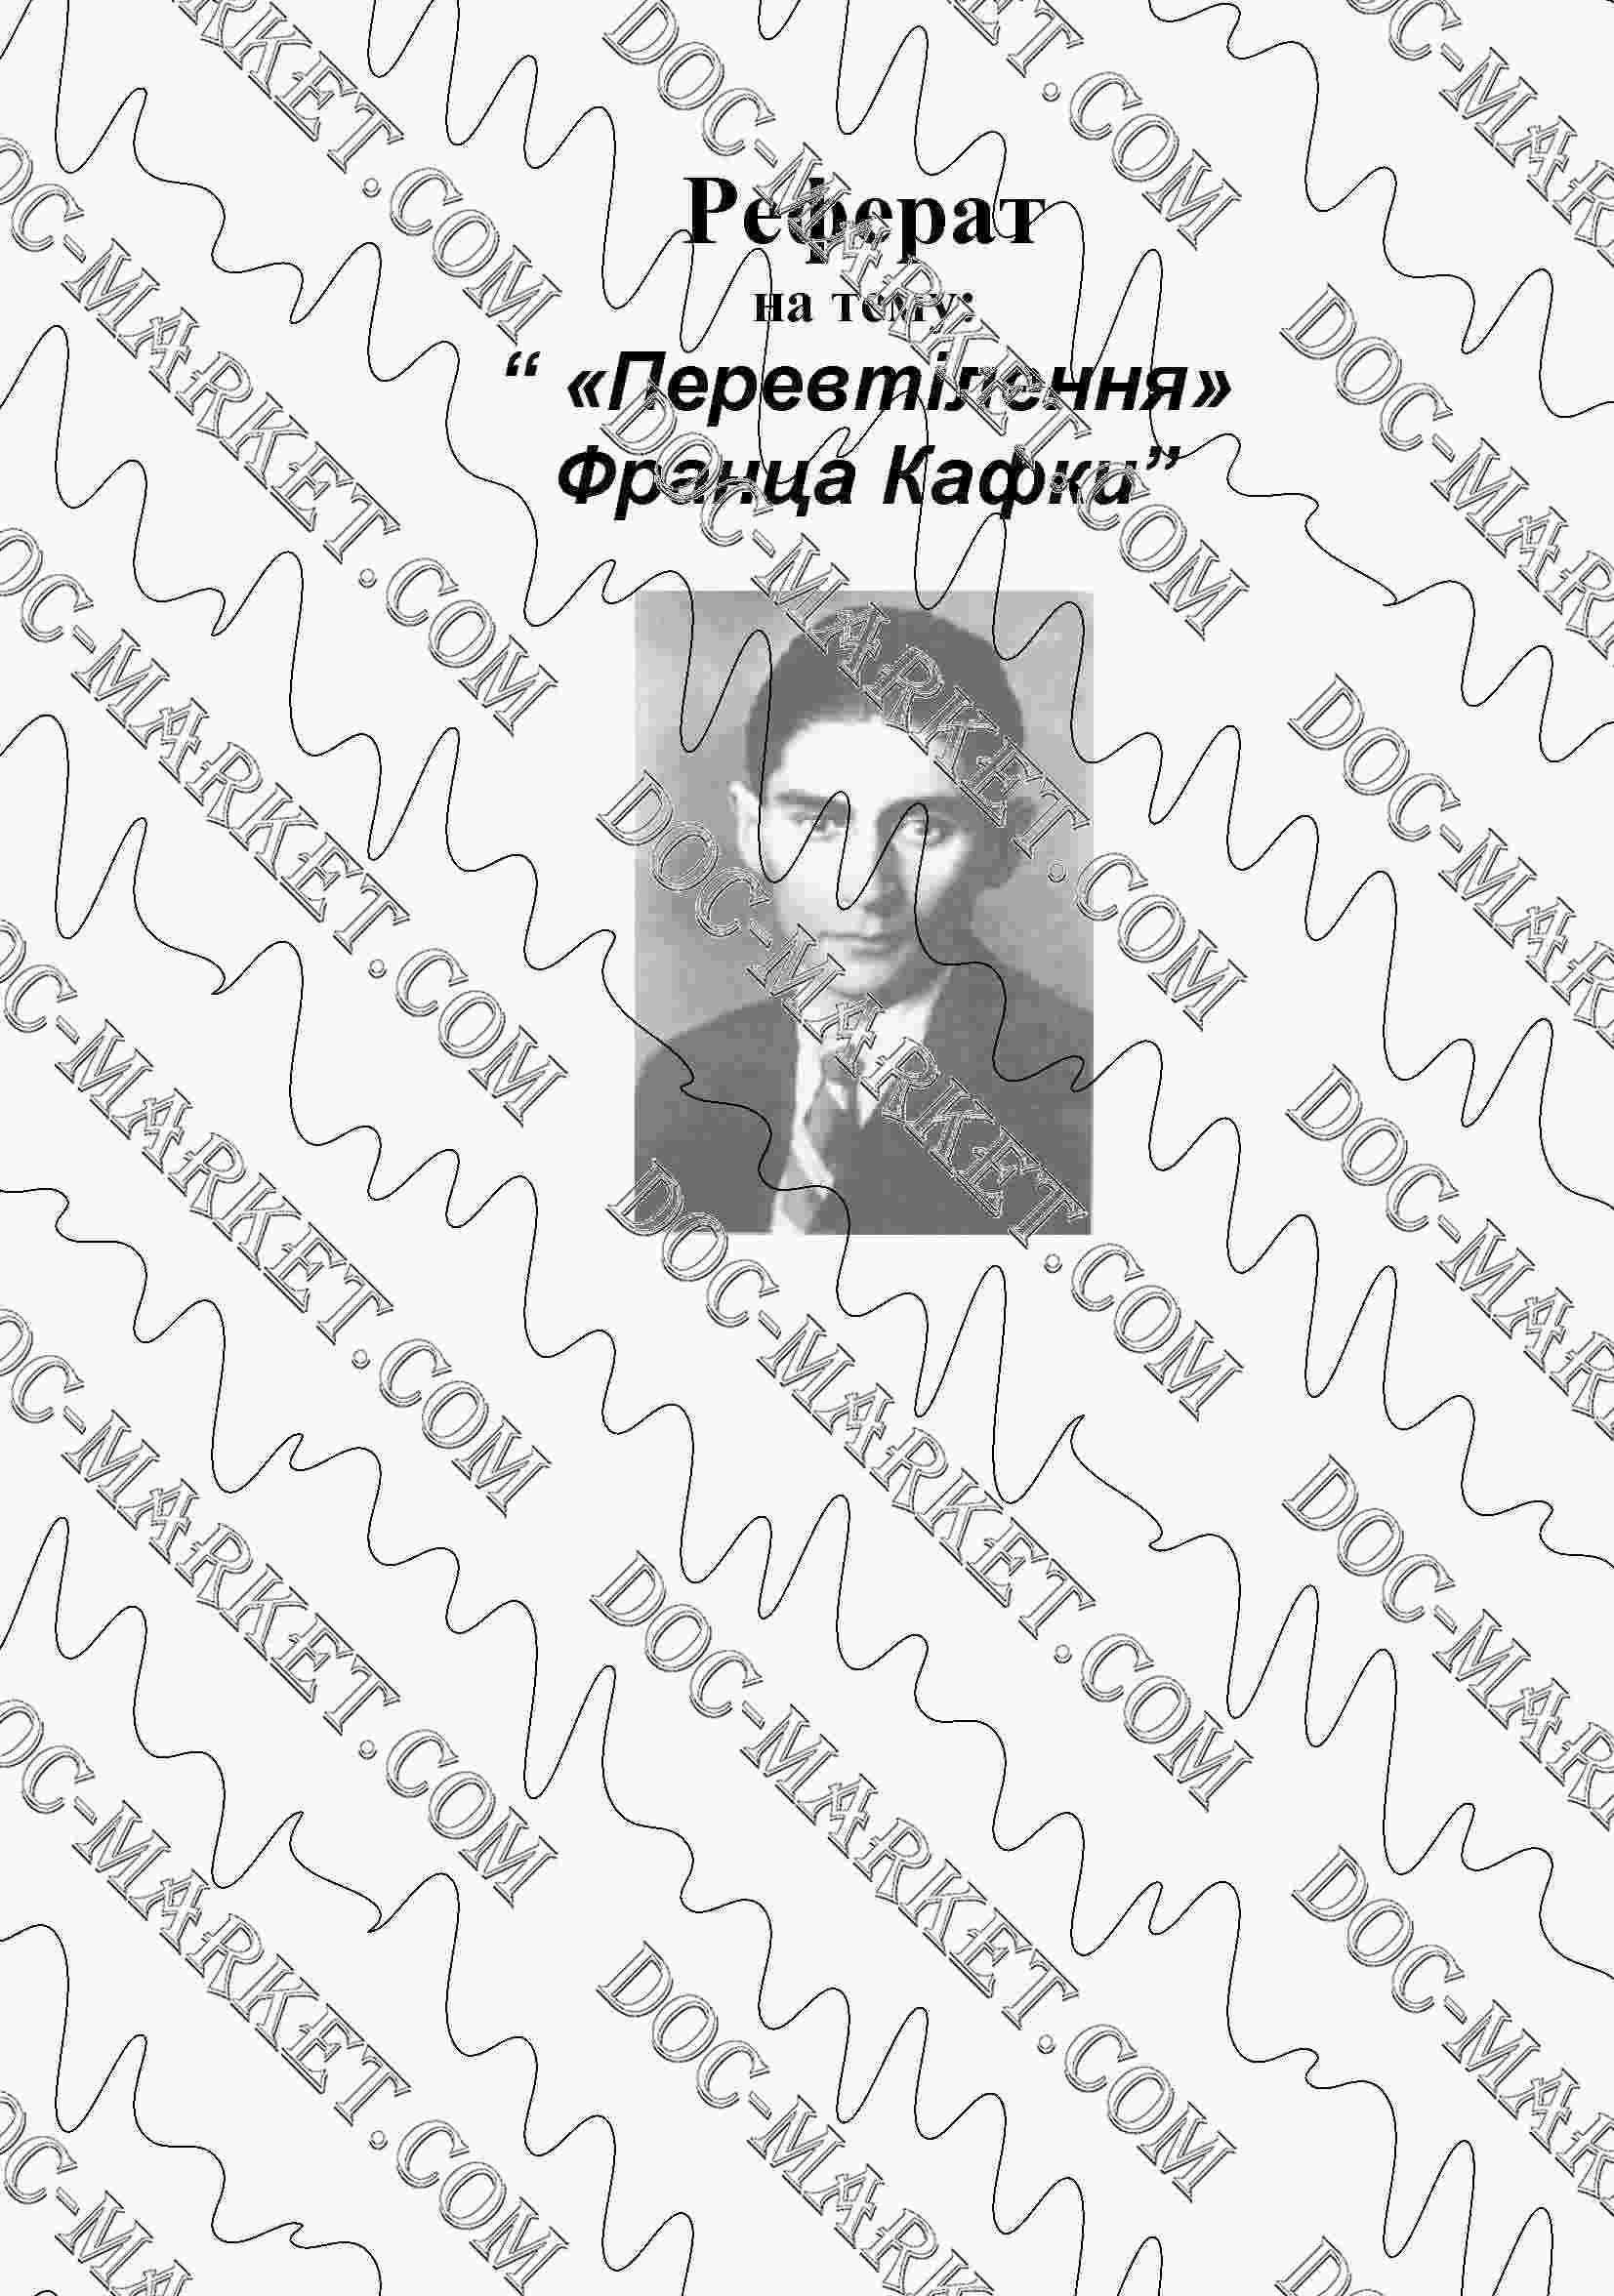 Перевтiлення Кафка Фильм